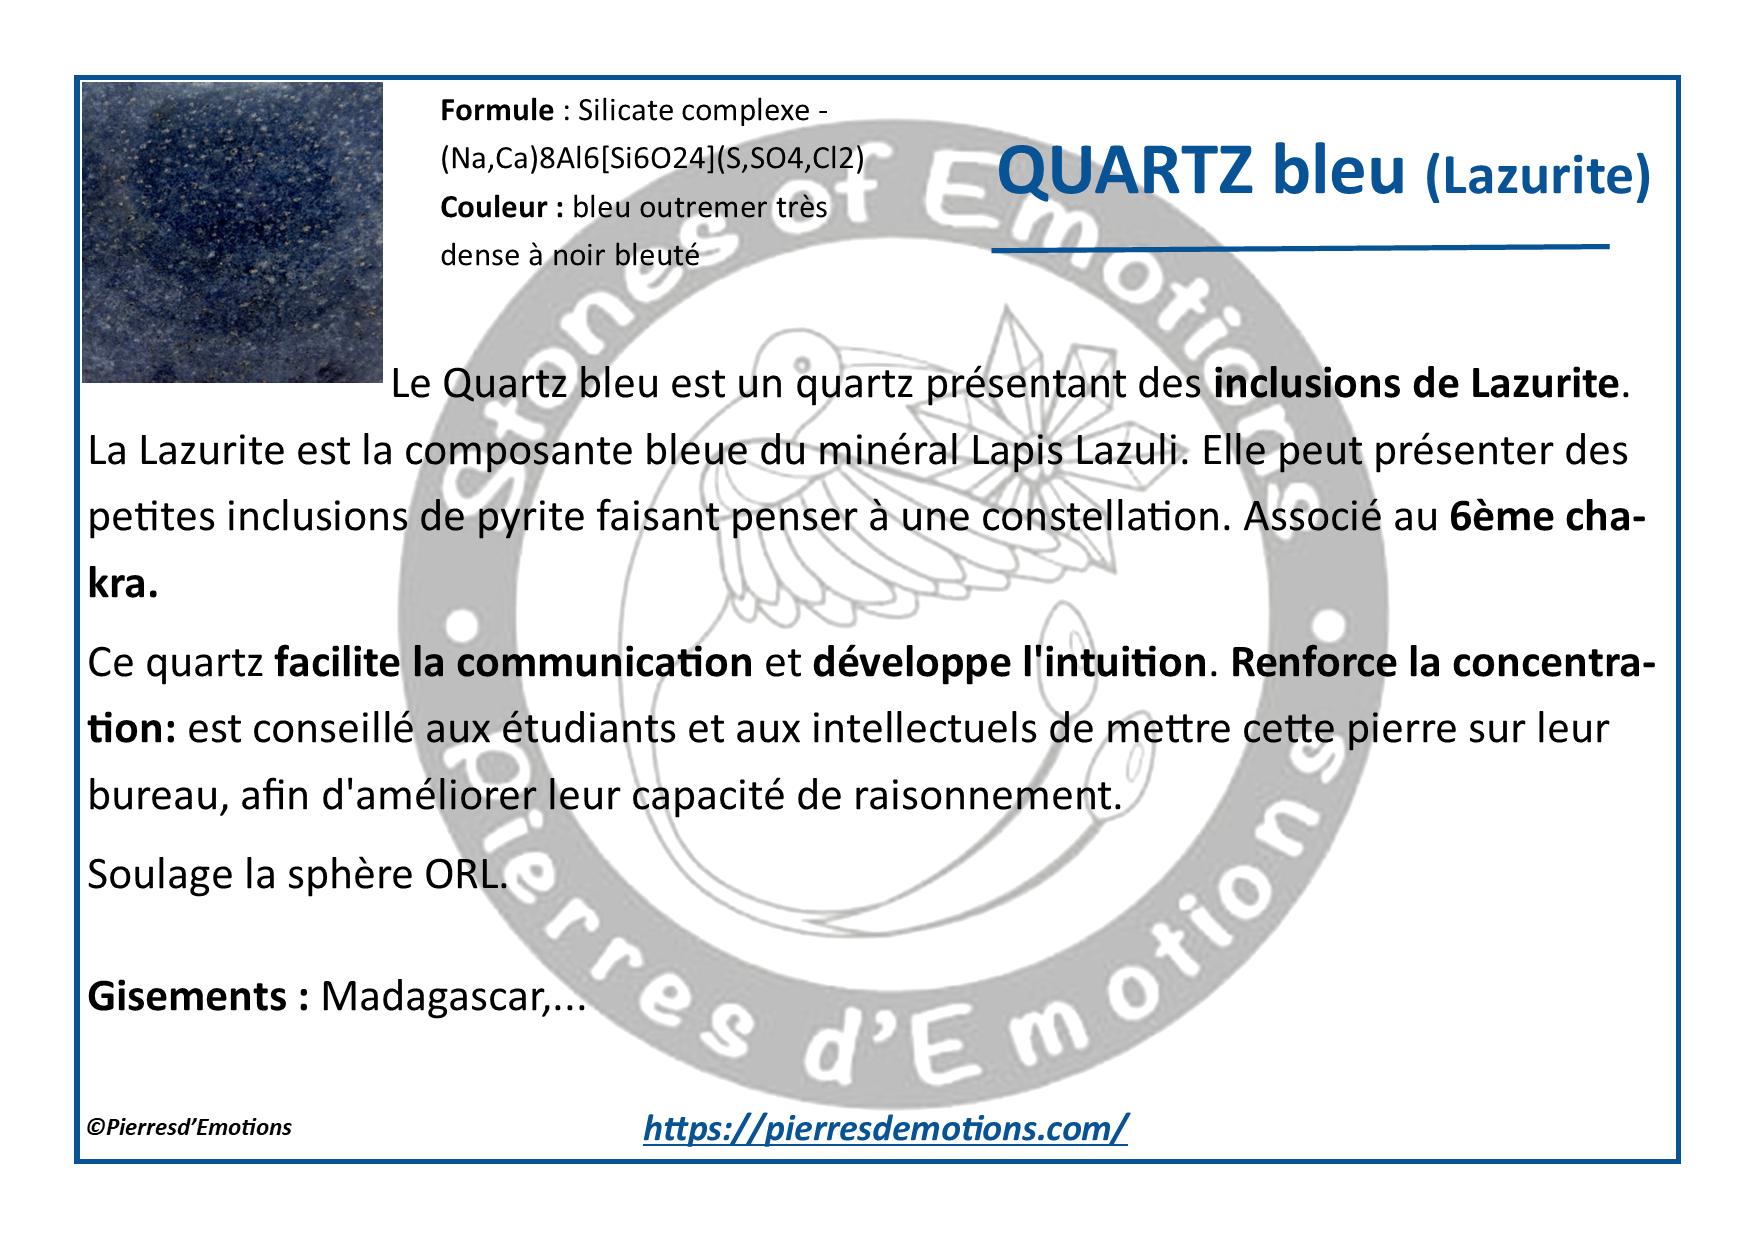 QuartzBleu